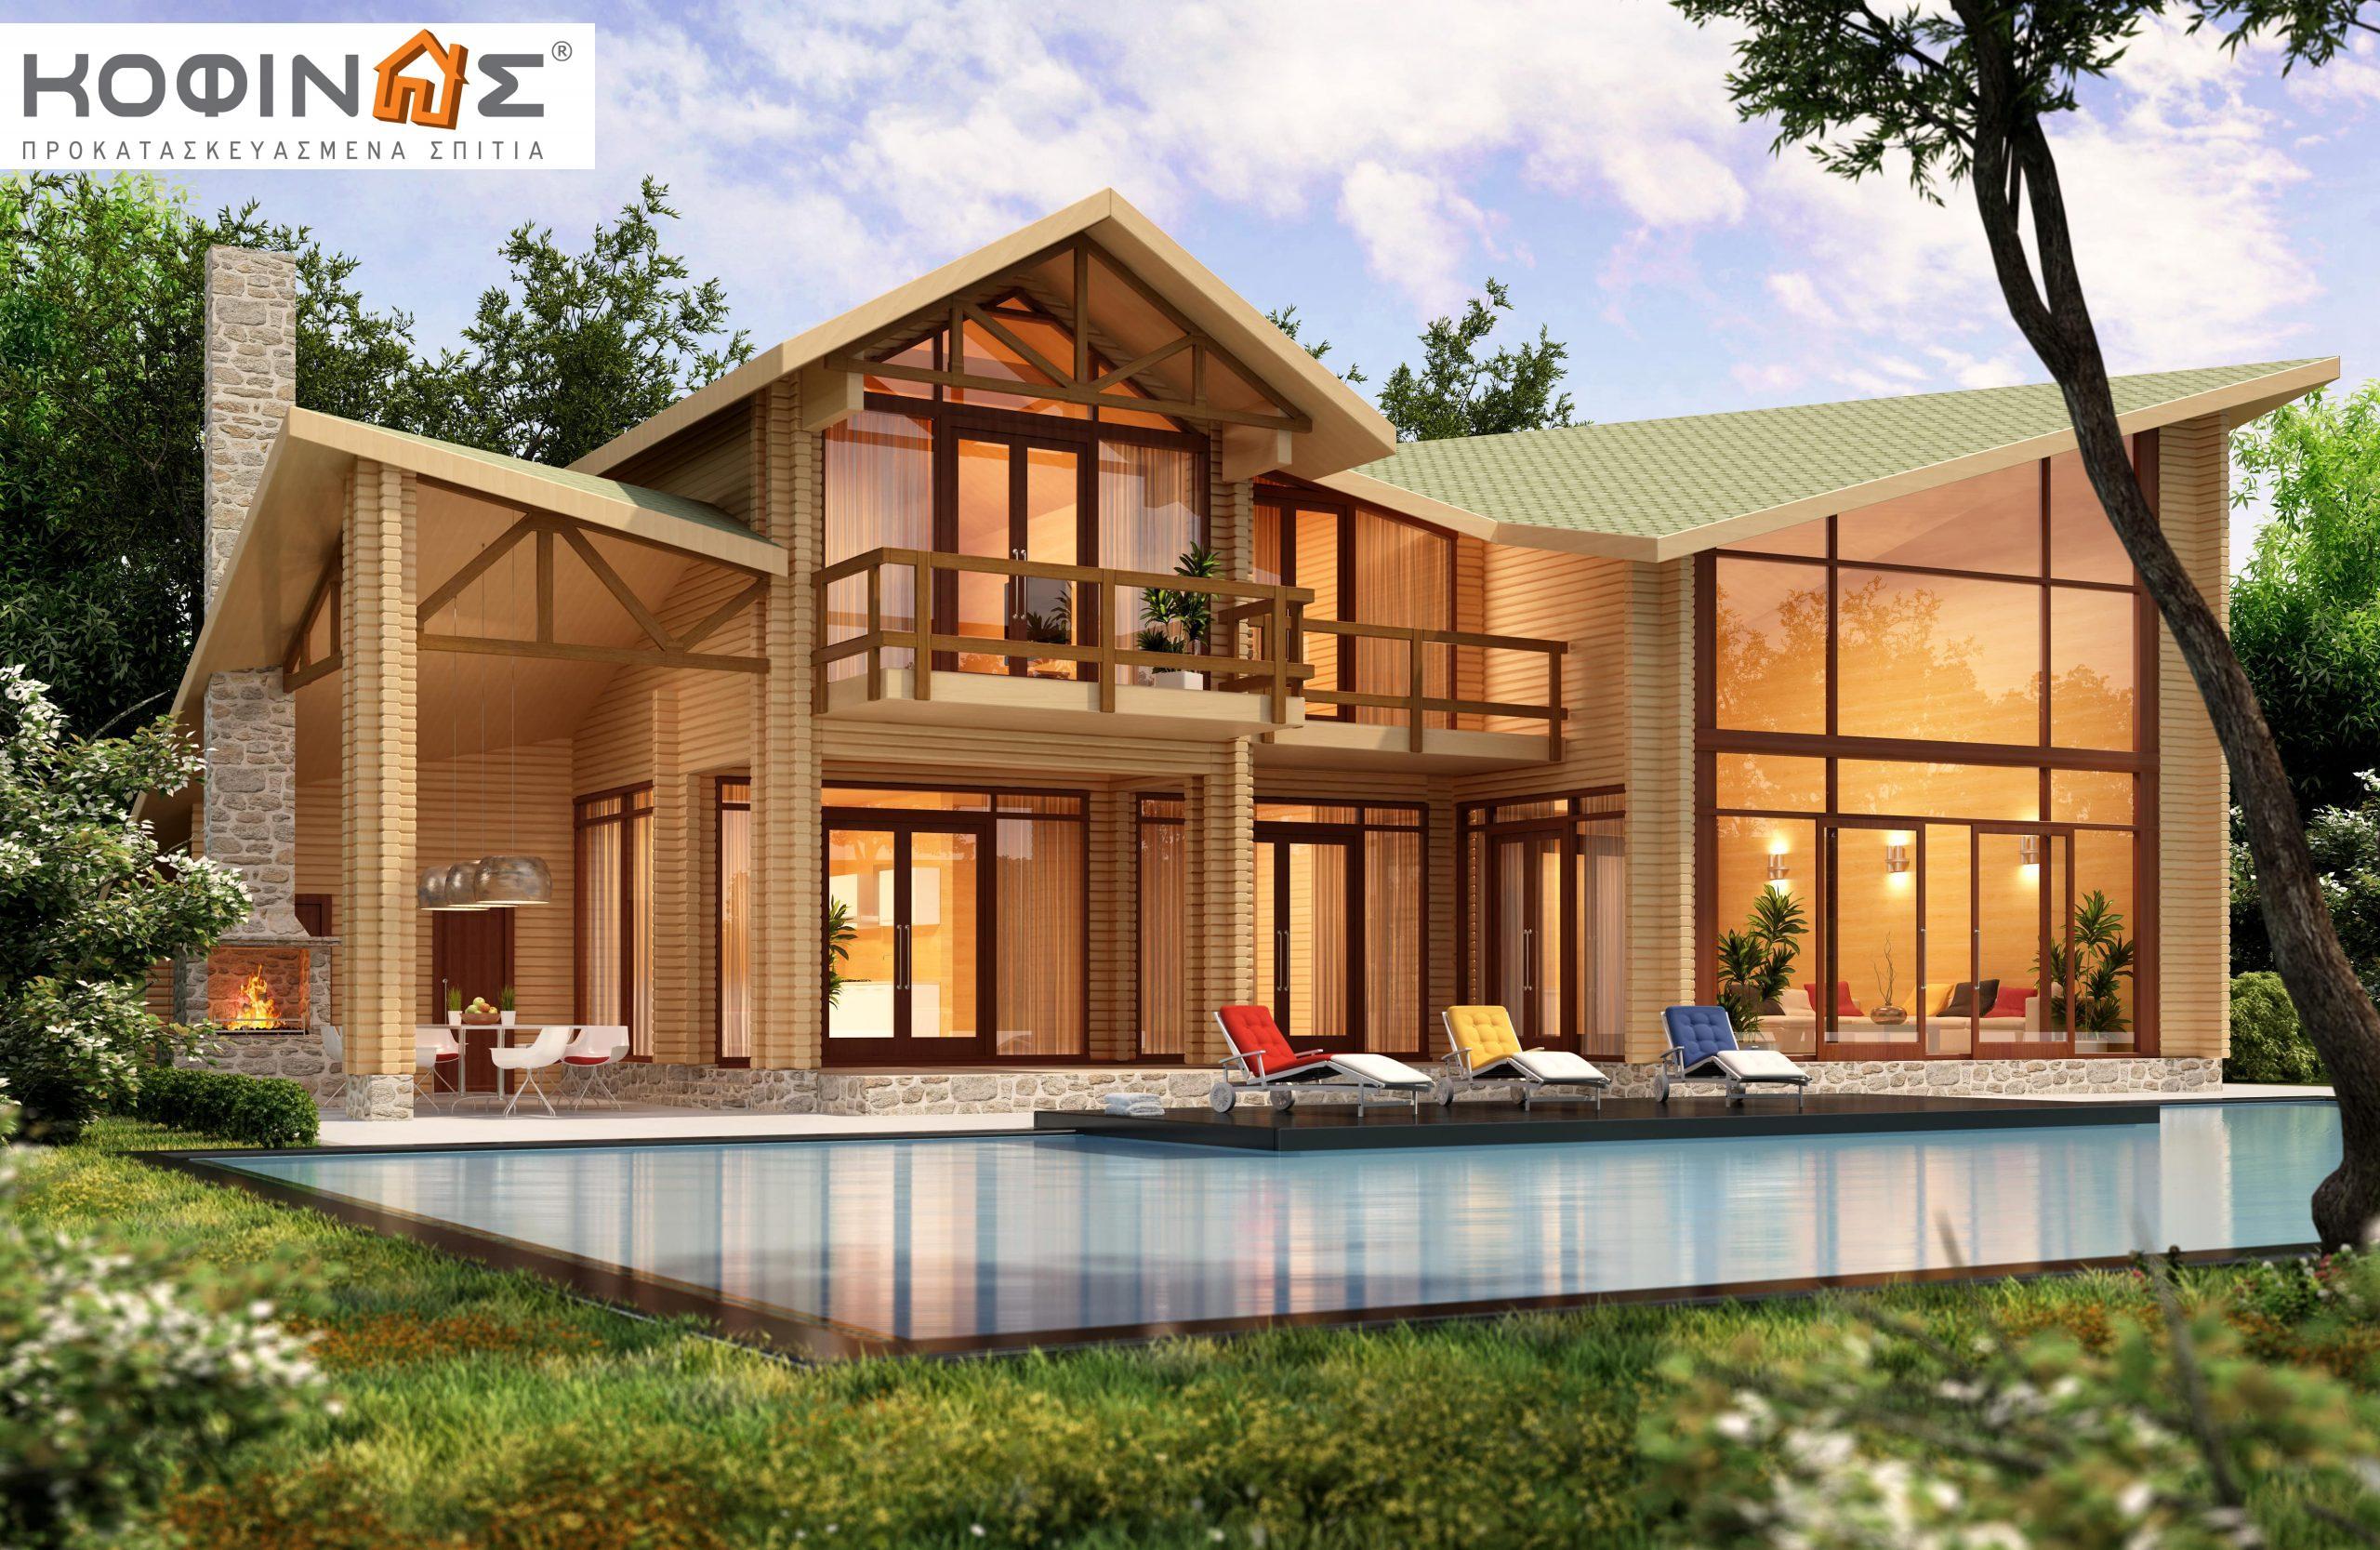 Σχέδια κατοικιών χωρίς κάτοψη-Φινλαδικές κατοικίες